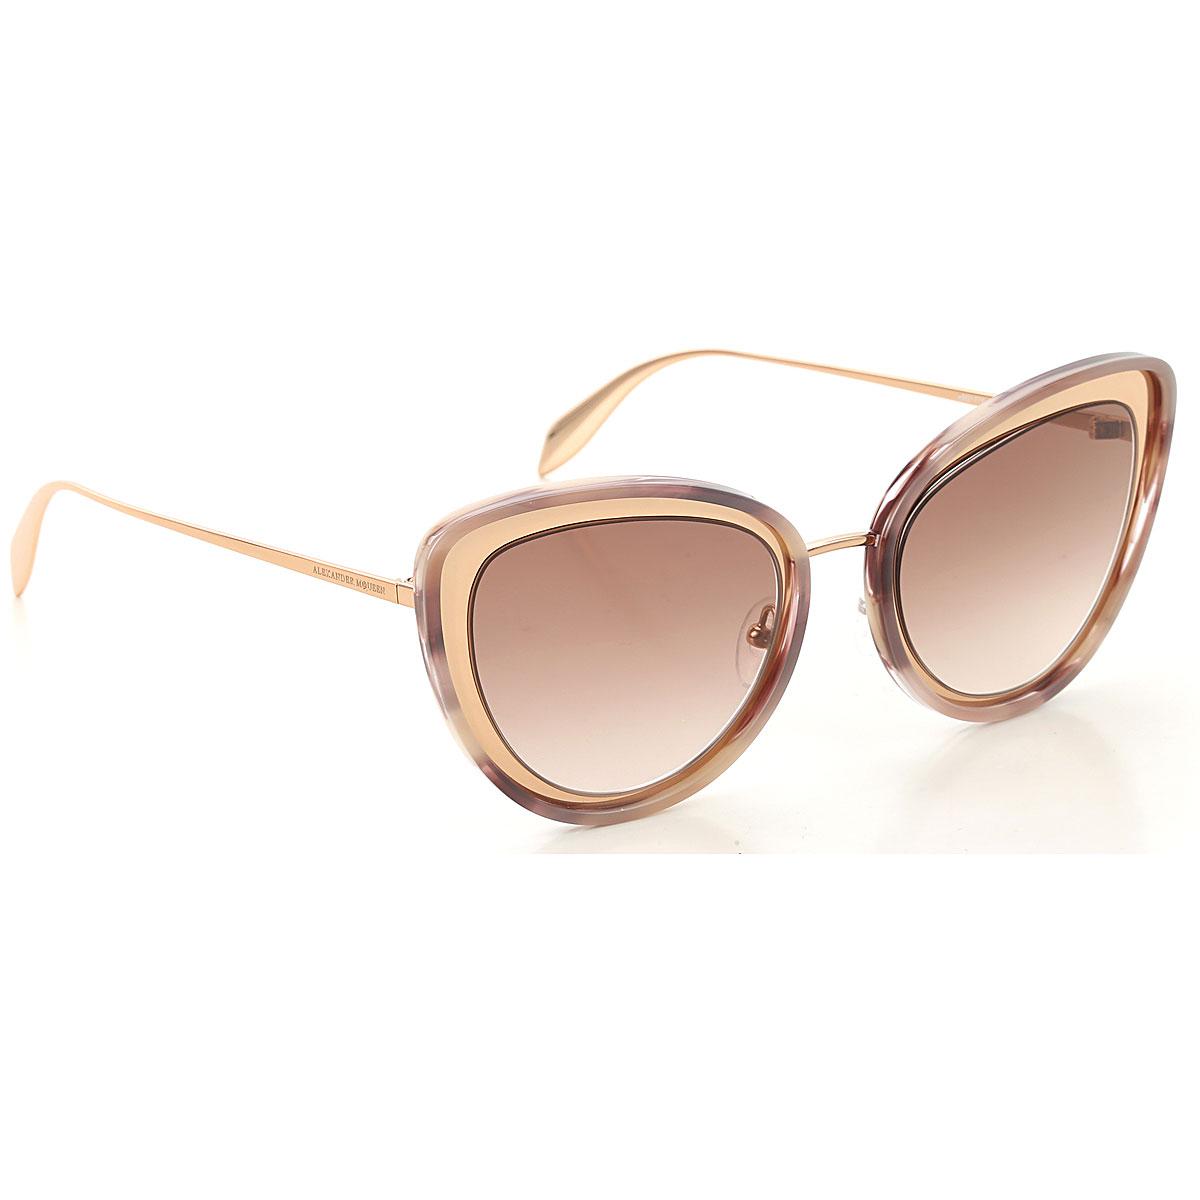 Alexander McQueen Sunglasses On Sale, Havana Rose, 2019